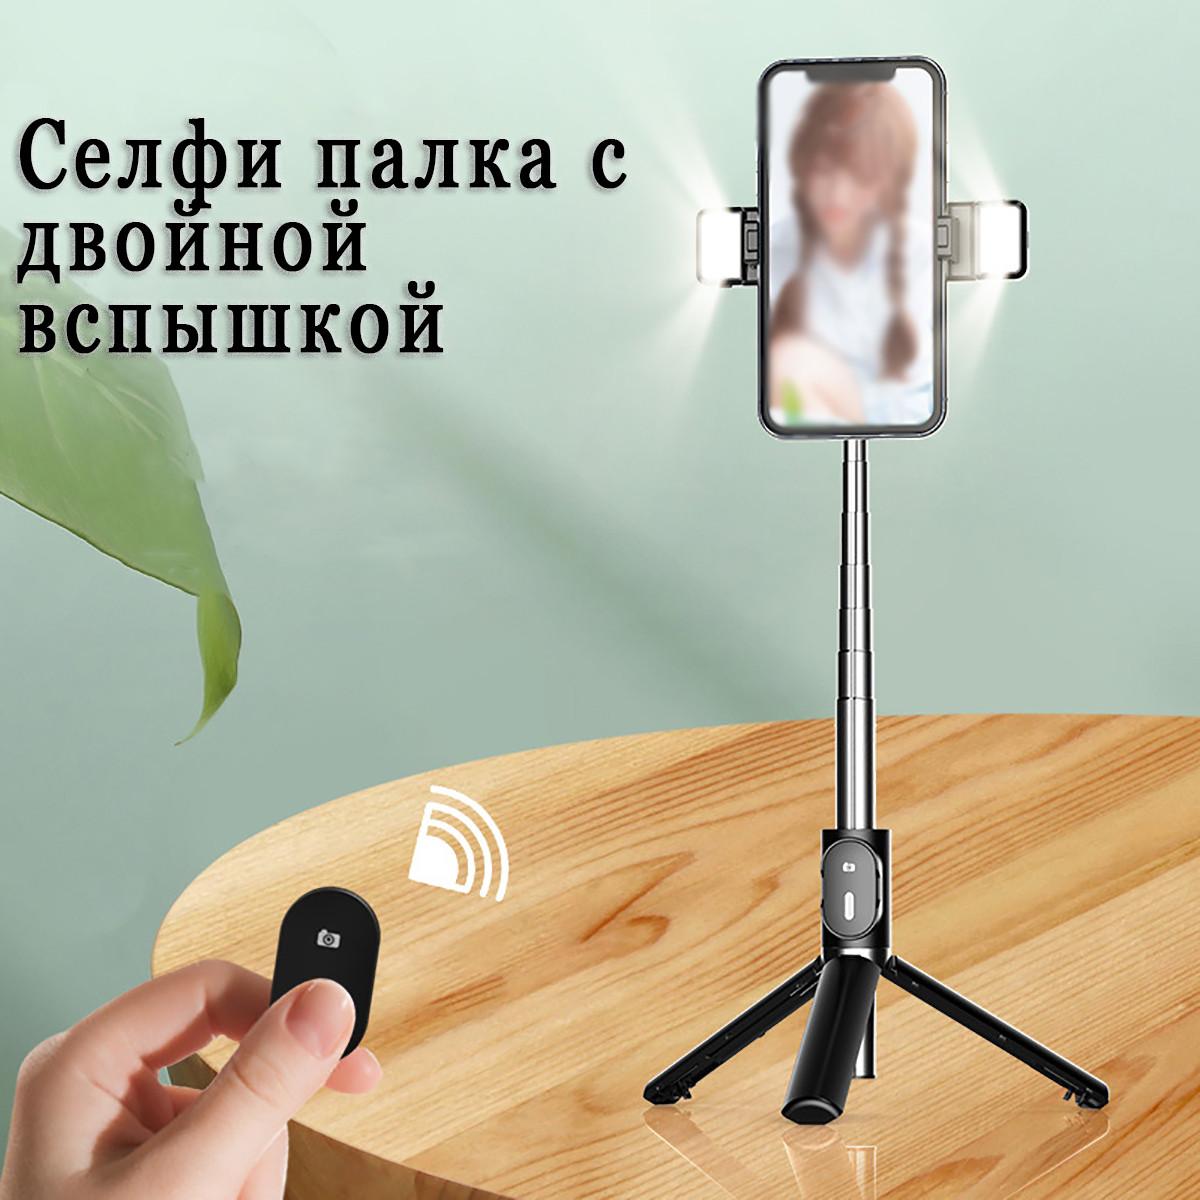 Штатив для телефона універсальний, селфі палка Adna Selfie P60D2 з кнопкою пультом Bluetooth, 2 спалахи